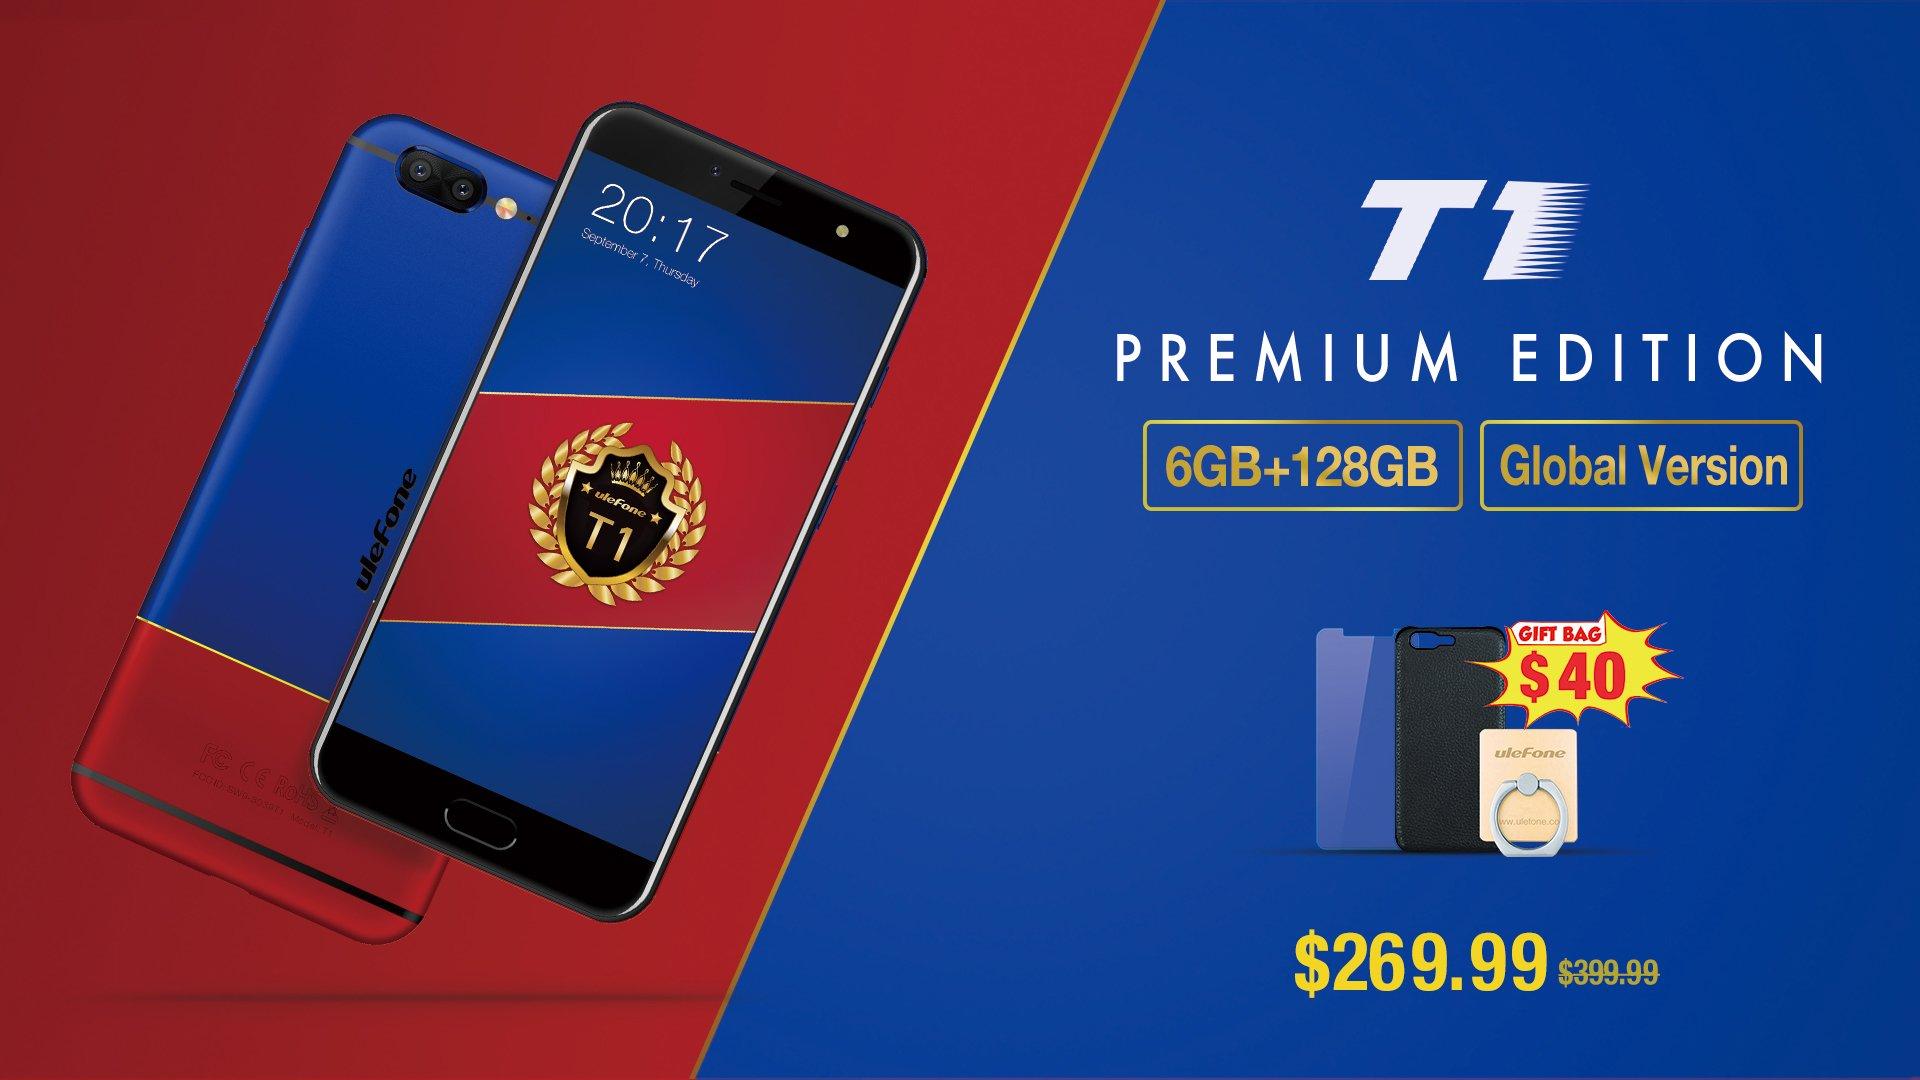 Tabletowo.pl Takie promocje lubimy: Ulefone T1 Premium Edition taniej aż o 130 dolarów! Android Chińskie Smartfony